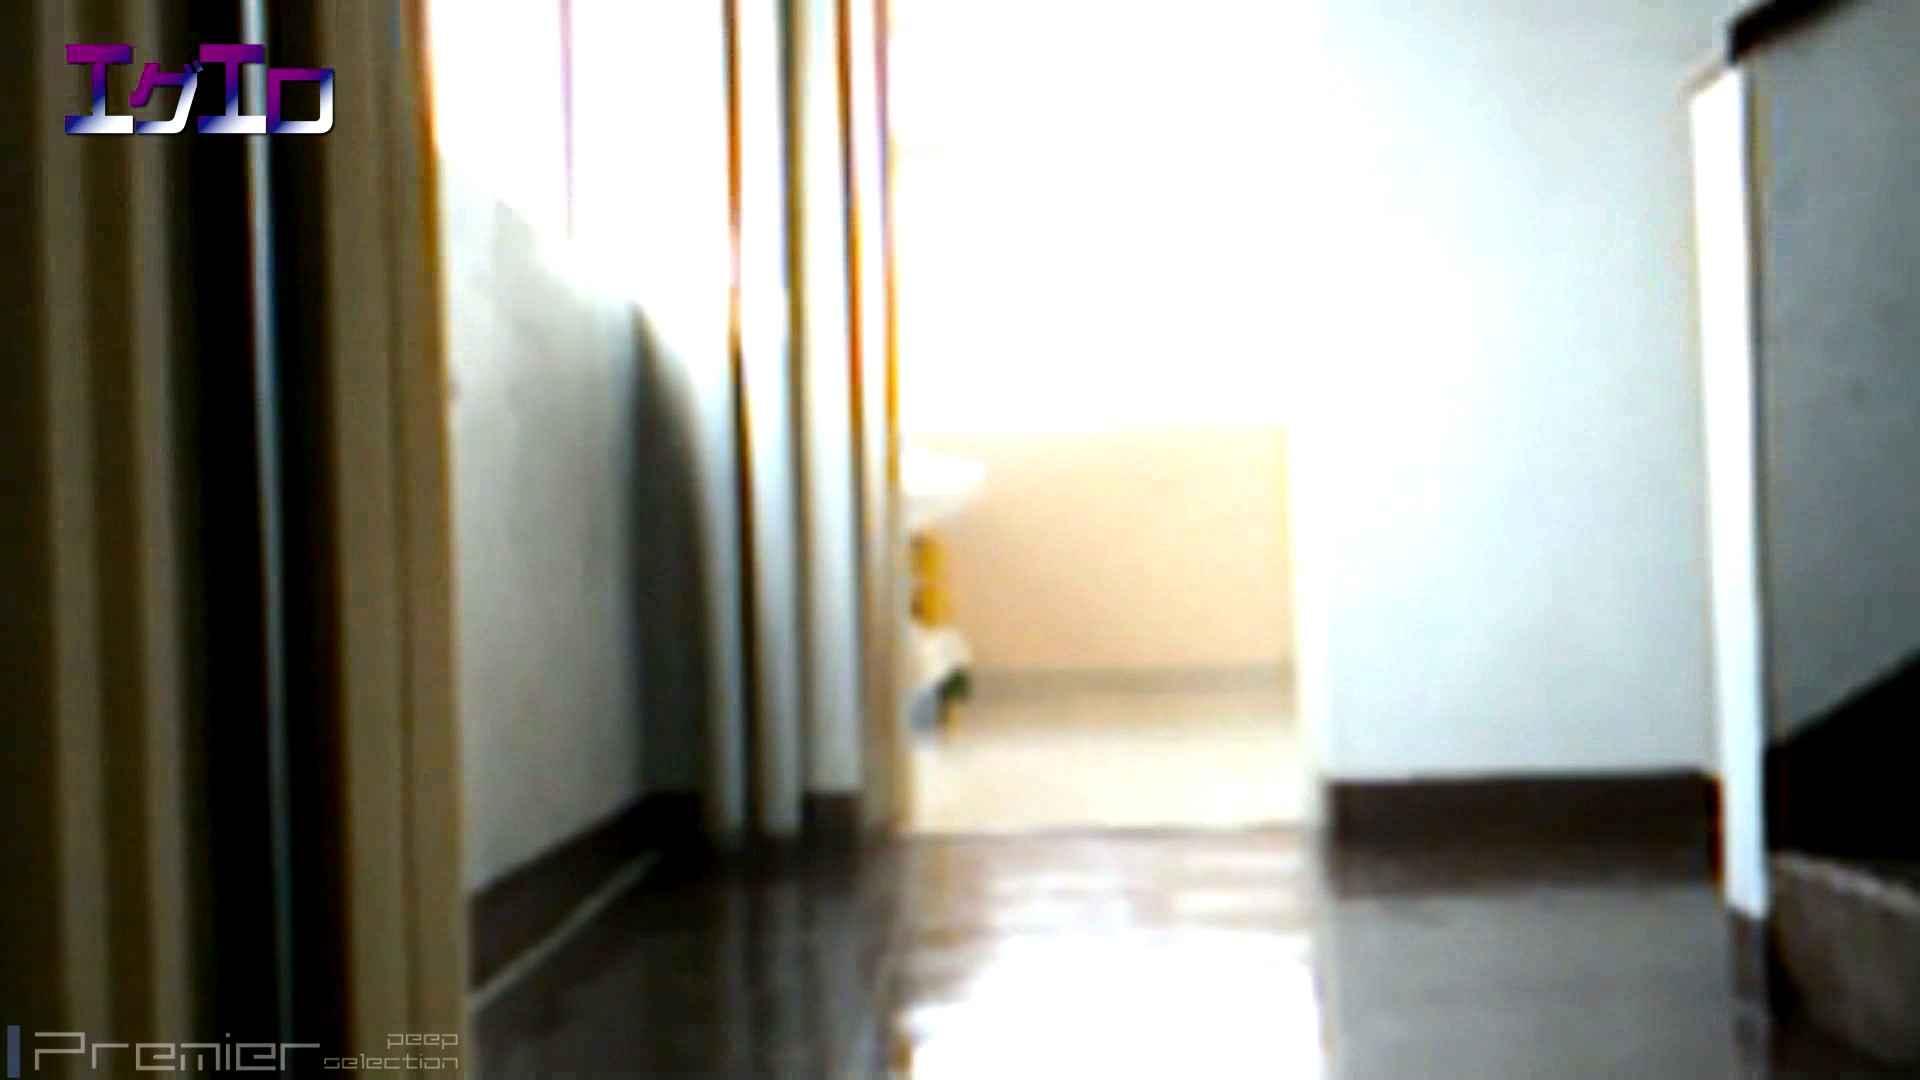 至近距離洗面所 Vol.10ブルージーンズギャルの大放nyo 美肌 オメコ動画キャプチャ 72画像 68